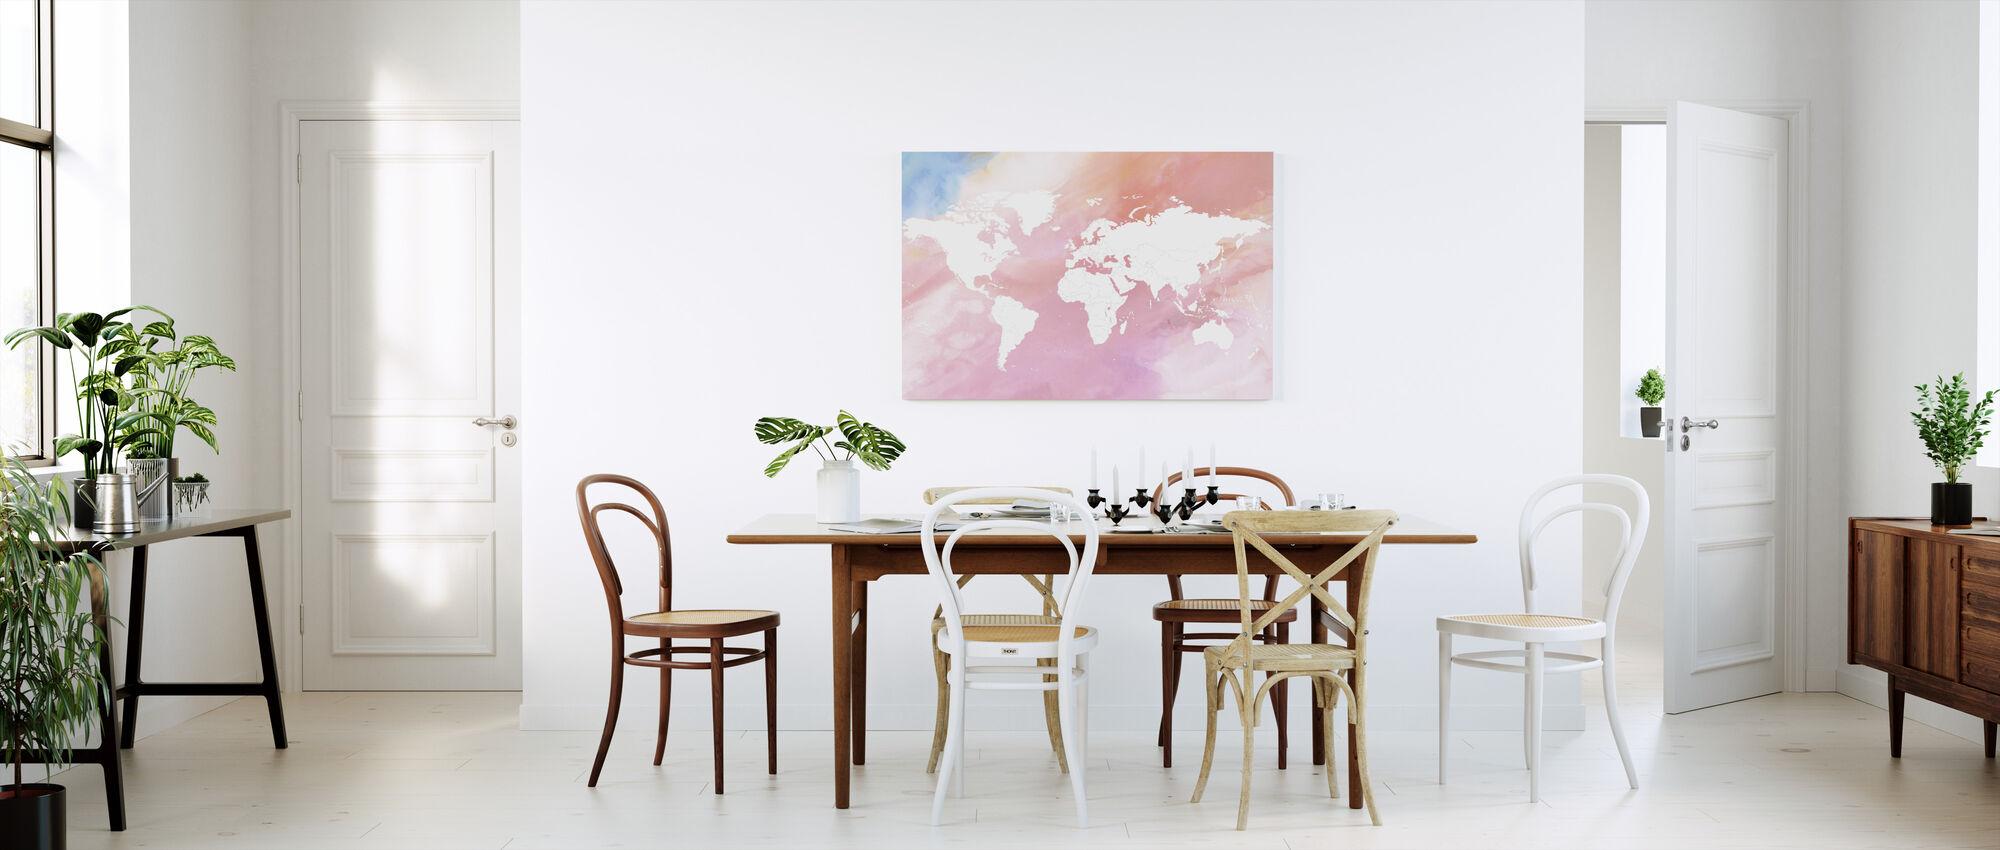 Carte du monde Pastel - Impression sur toile - Cuisine